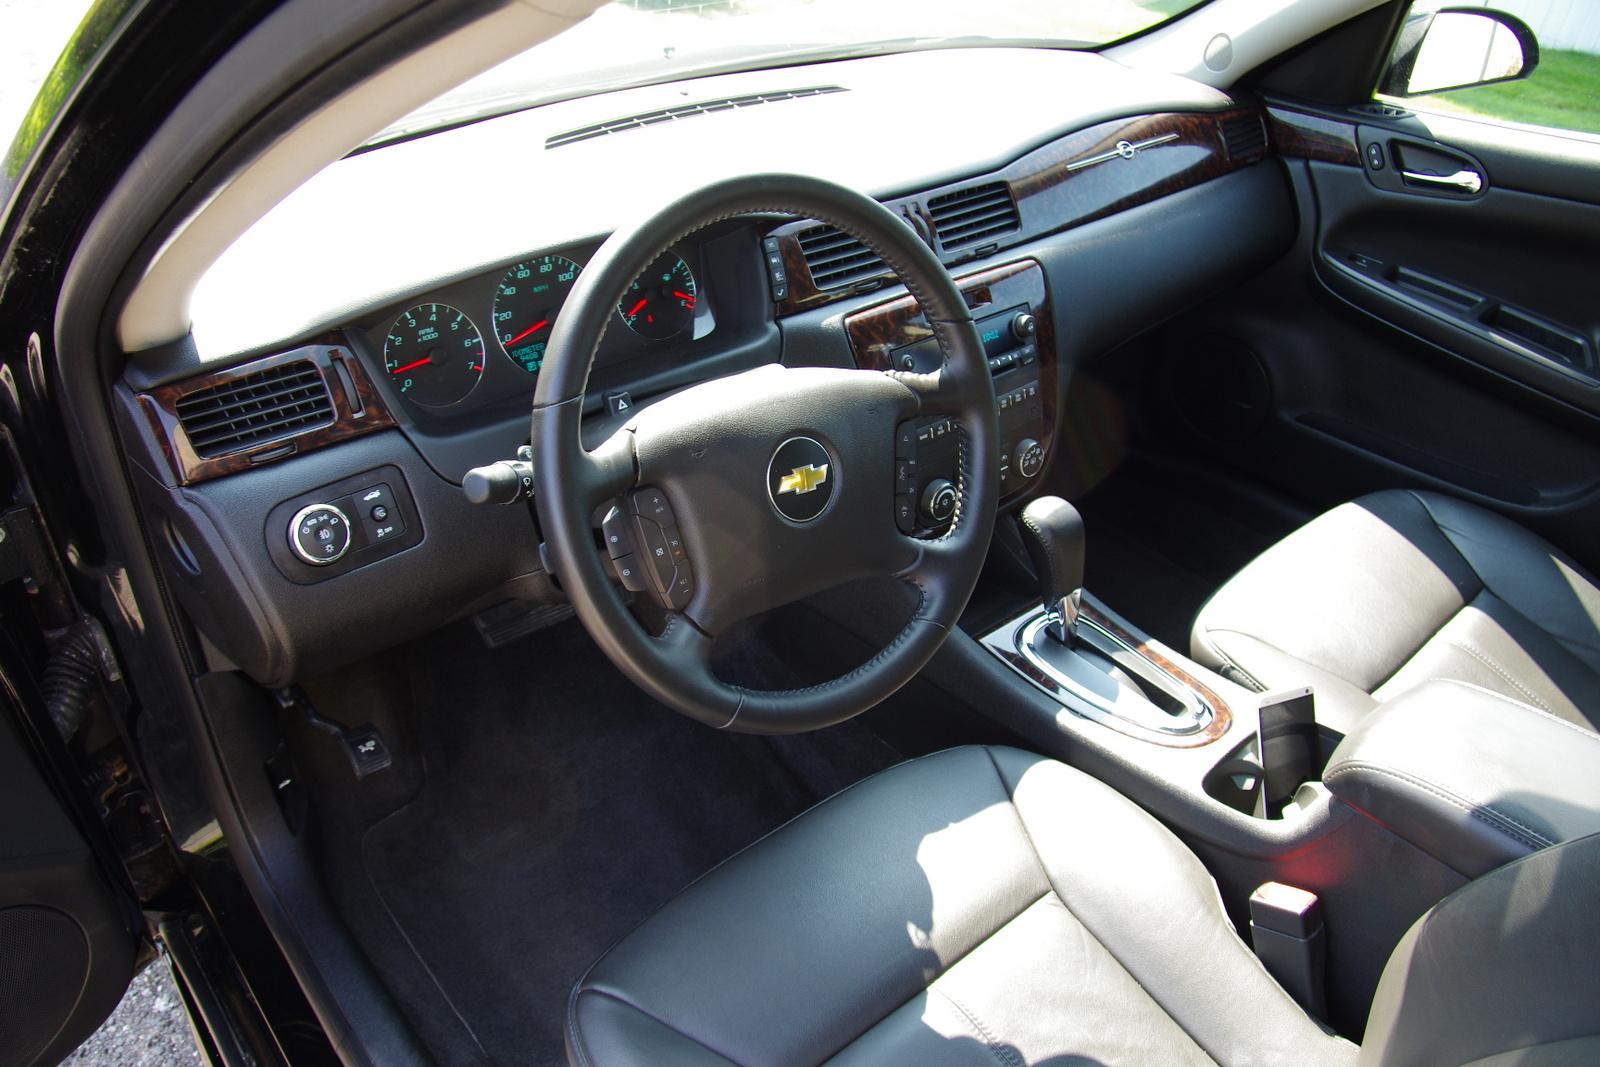 2013 chevrolet impala pictures cargurus for Chevrolet impala 2013 interior